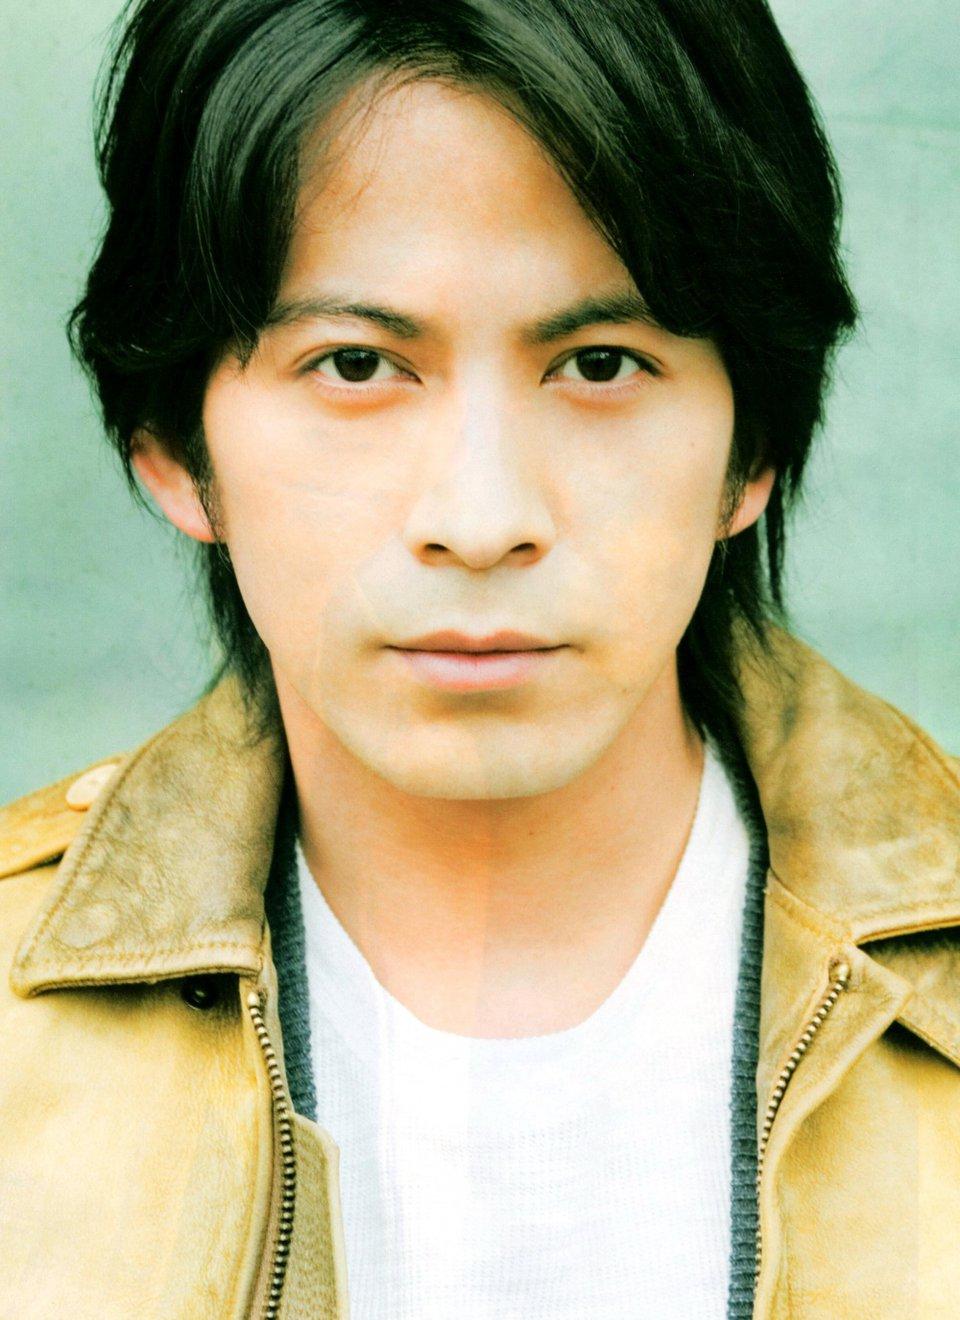 фото Джуничи Окада